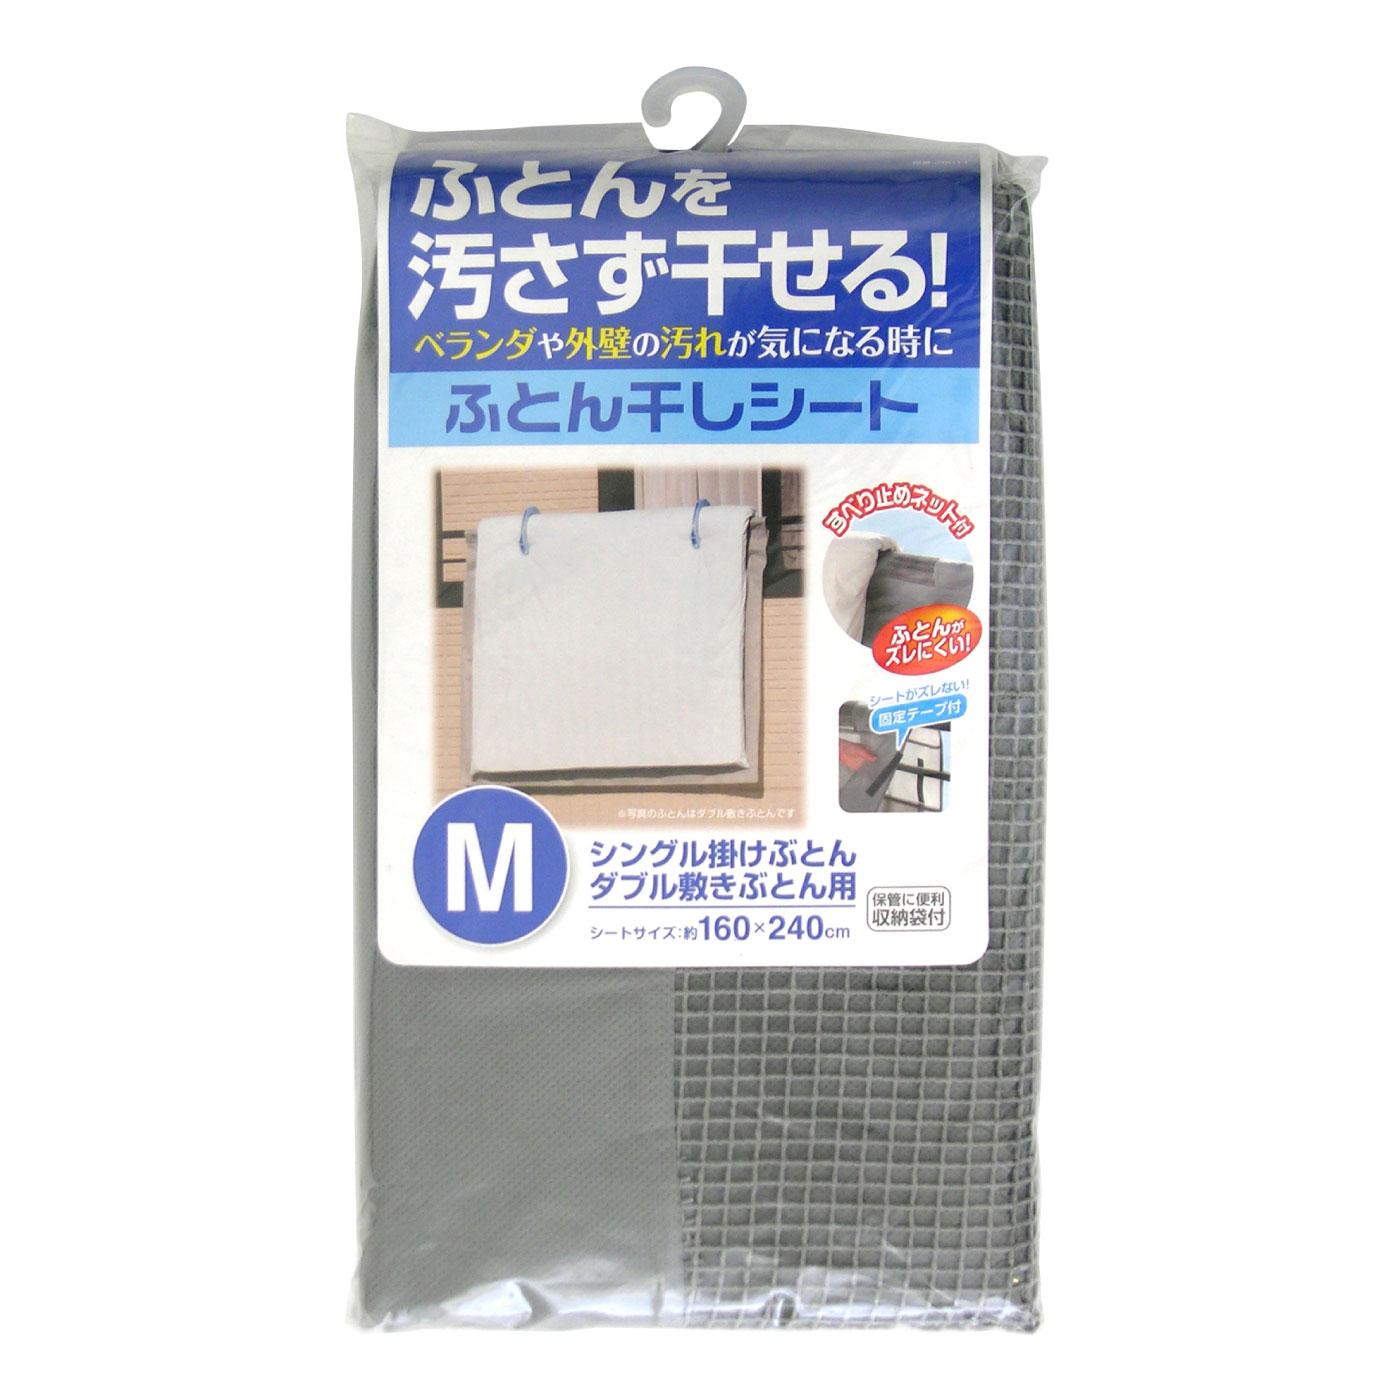 フェリシモ ベランダや外壁の汚れが気になるときに ふとん干しシートM